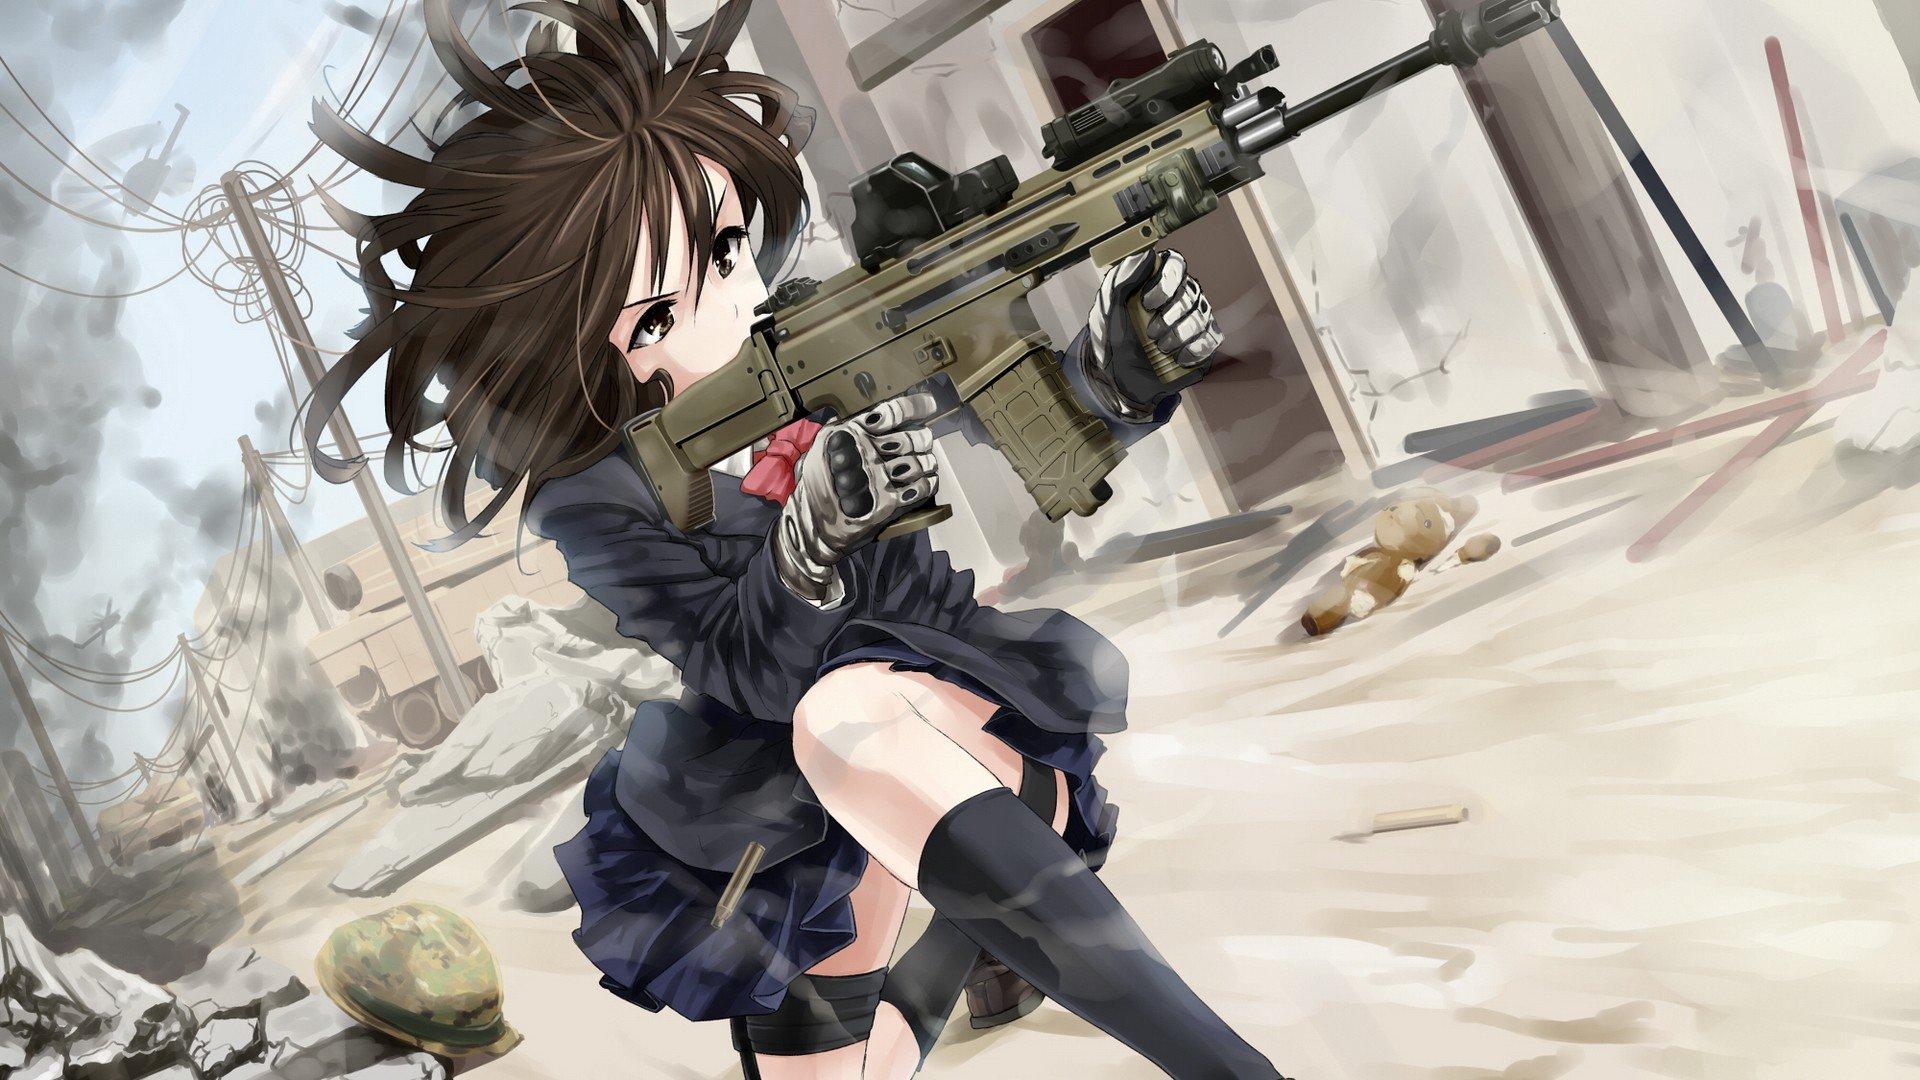 Guns stockings call of duty eotech anime anime girls acr - Gun girl anime ...